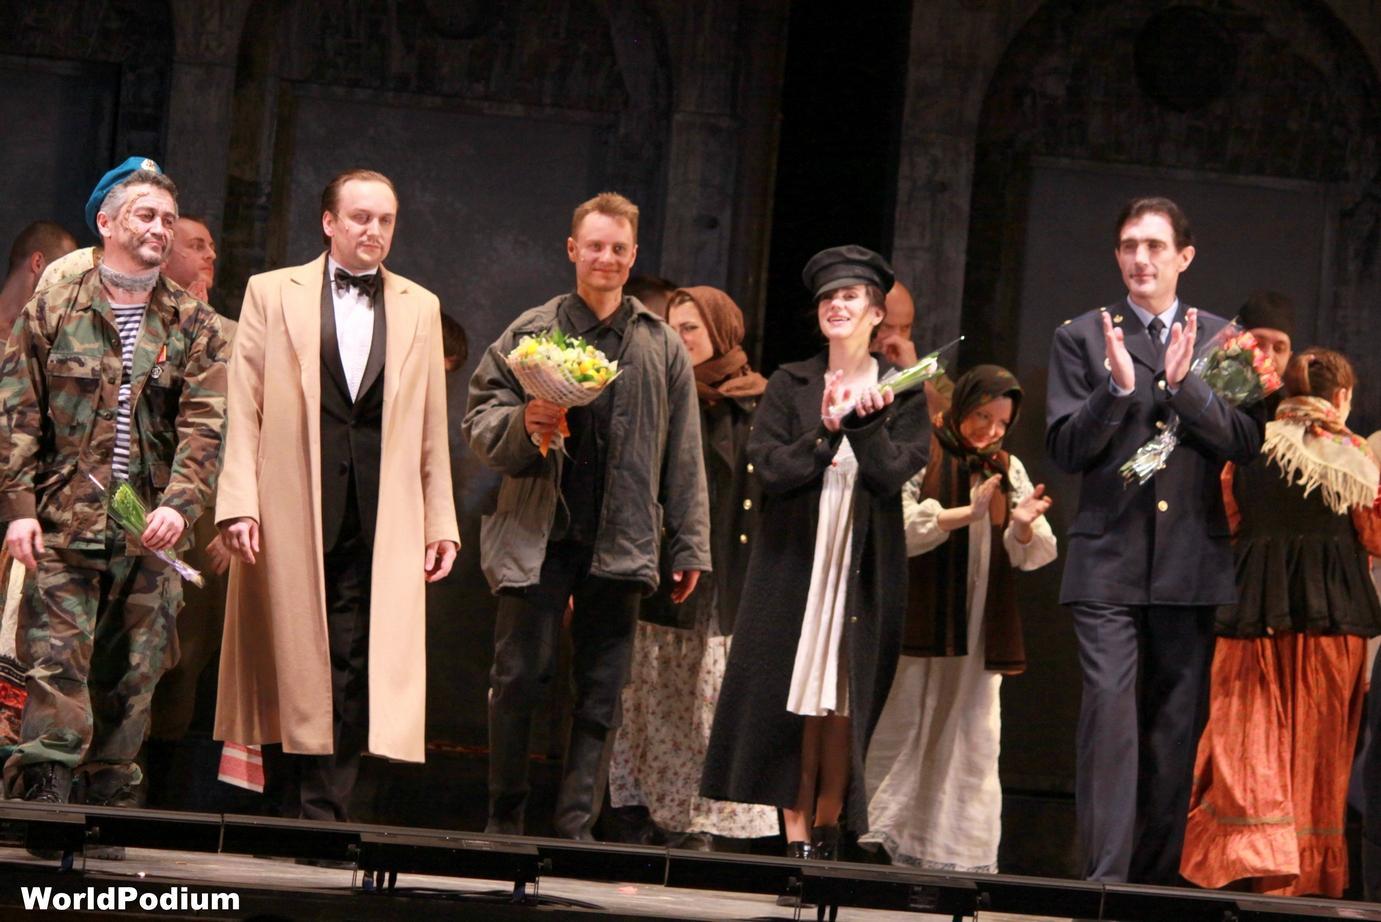 «Преступление и наказание» в Театре Мюзикла: «Сто законов, а много ли прока?..»